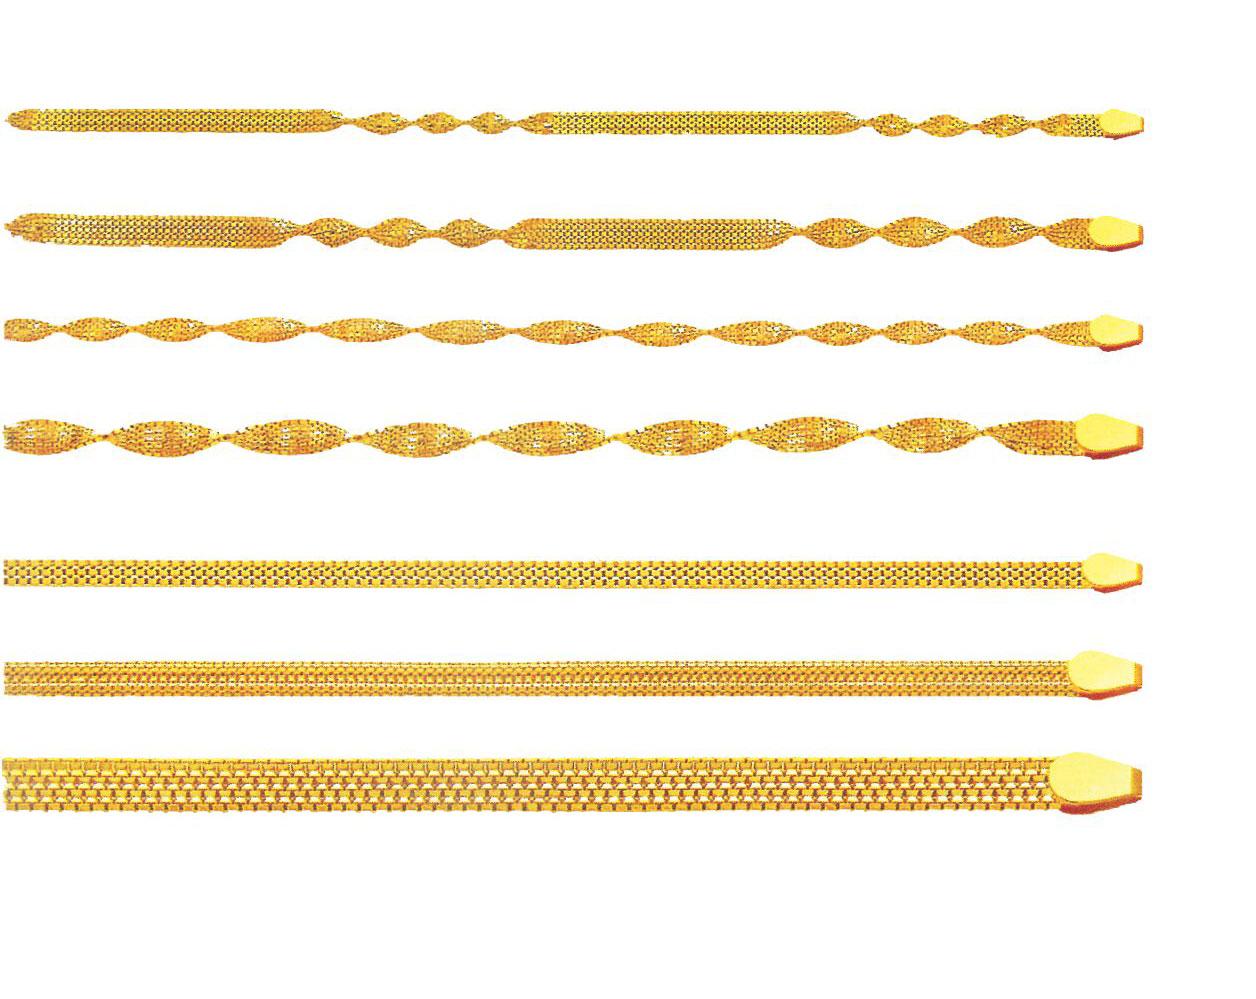 1 Gram Box Chains